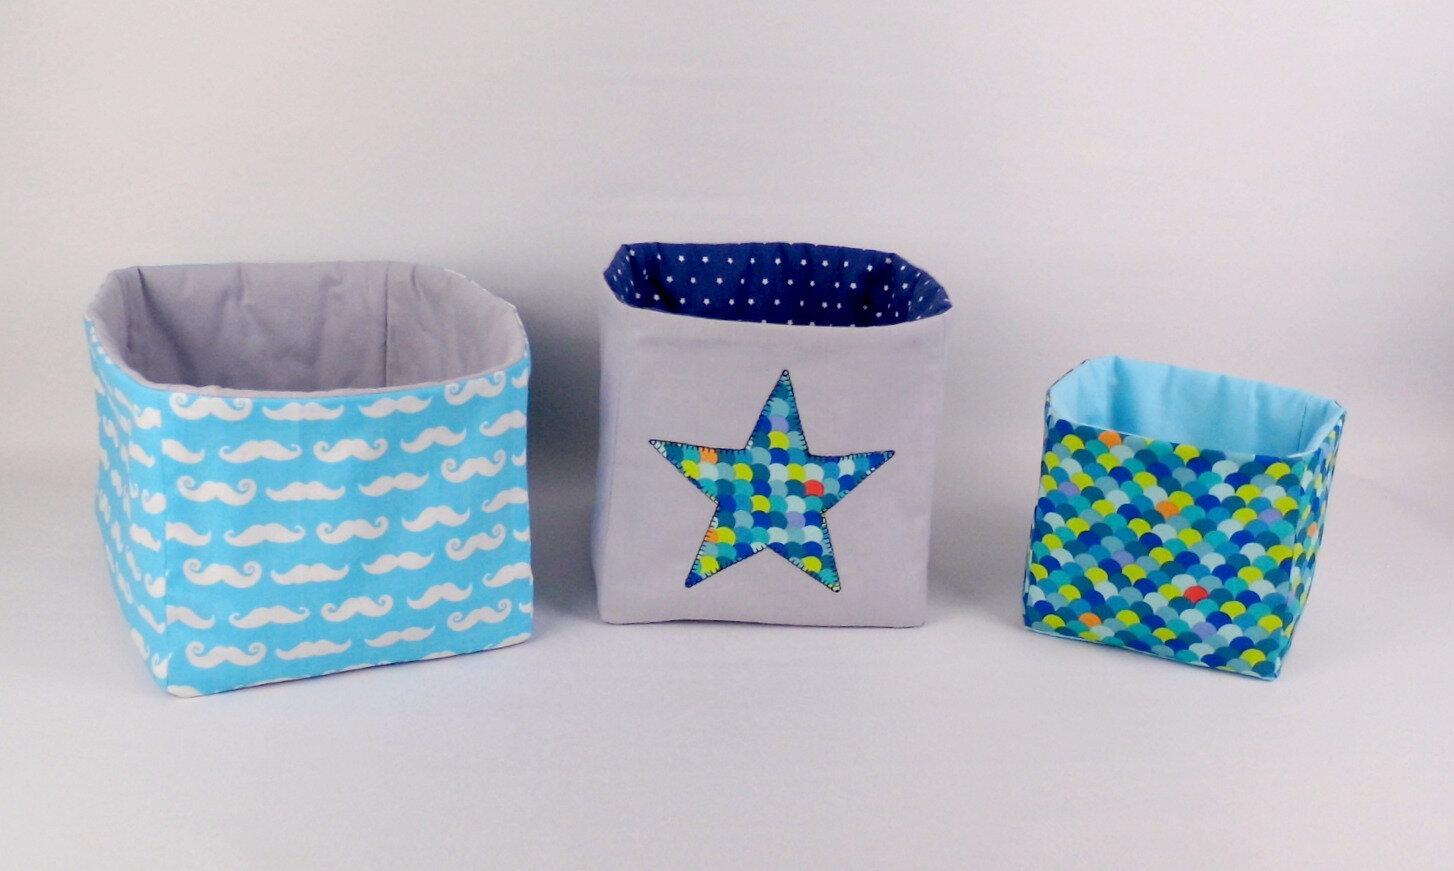 Corbeilles en tissu personnalisées chambre bébé corbeille à couches table à langer décoration enfant gris bleu marine turquoise vert anis amanite rose